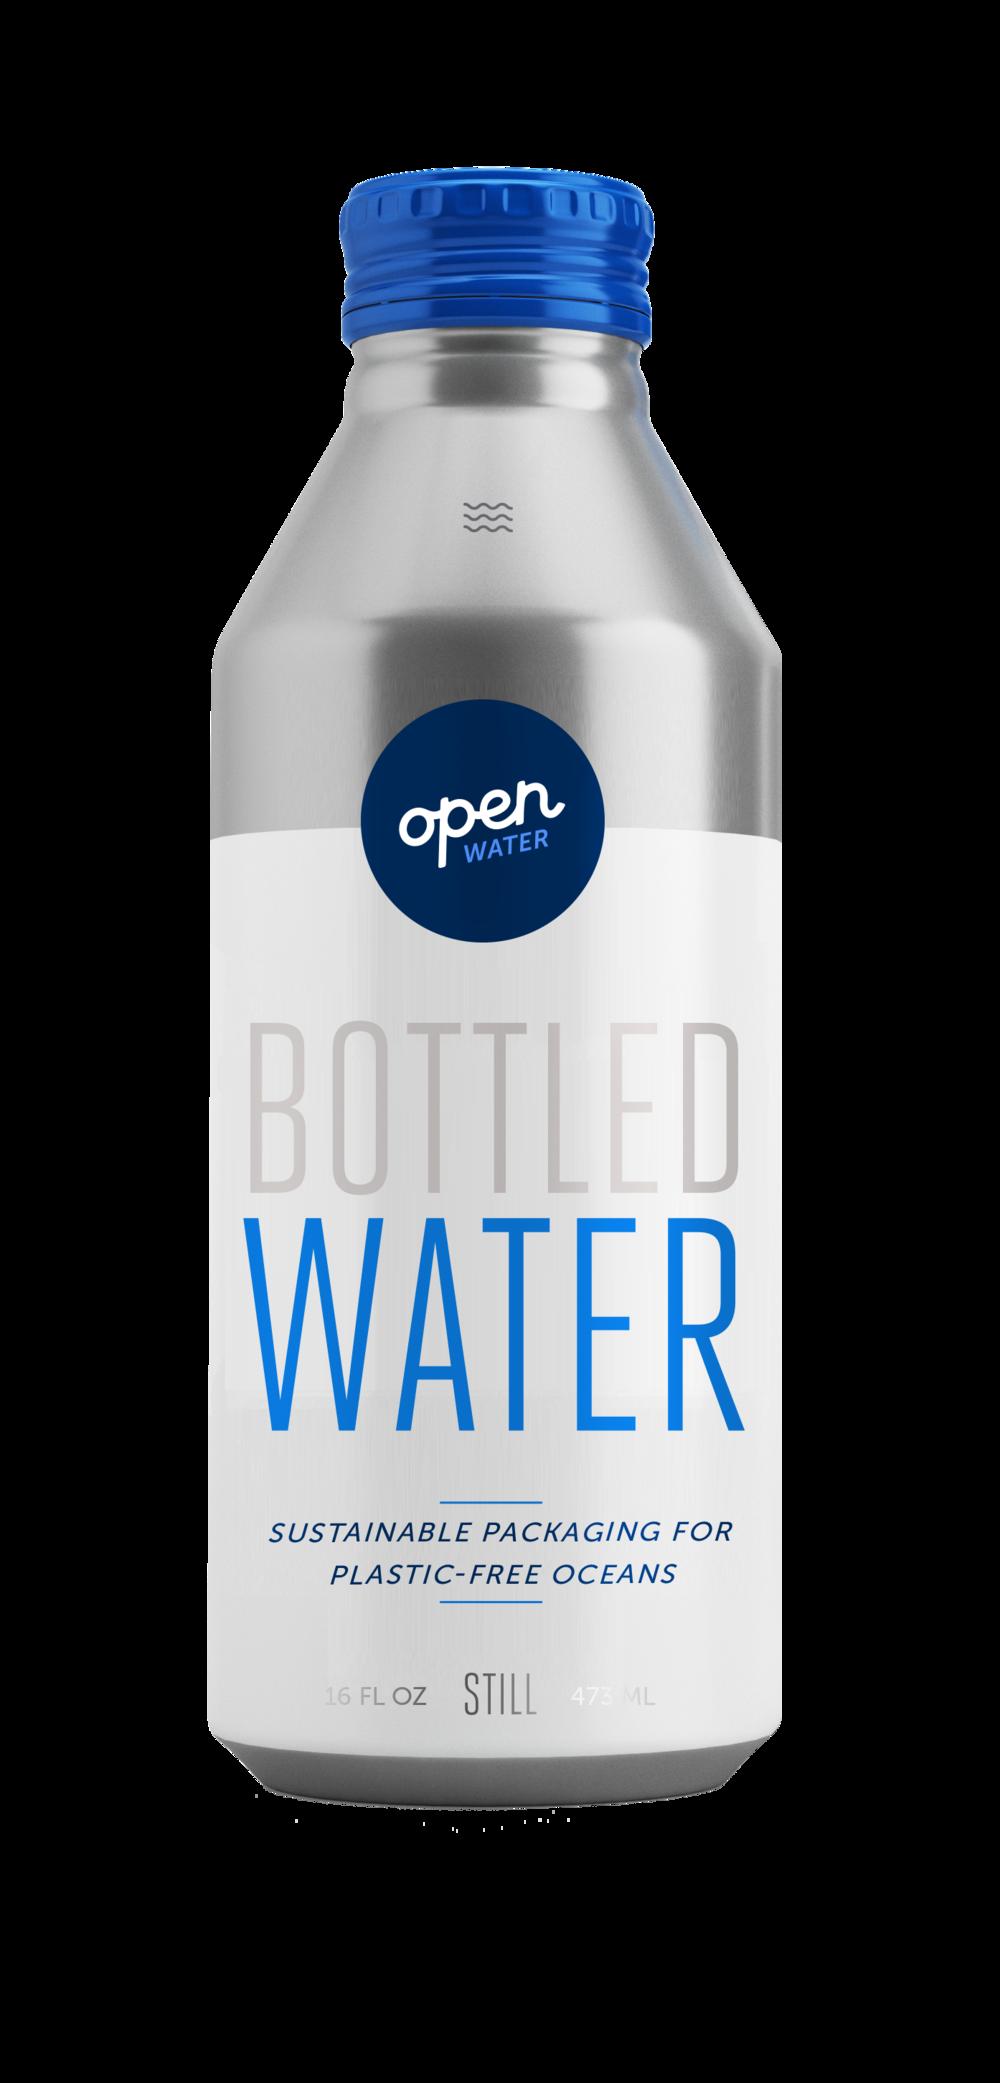 Open Water - Still Bottled Water in aluminum